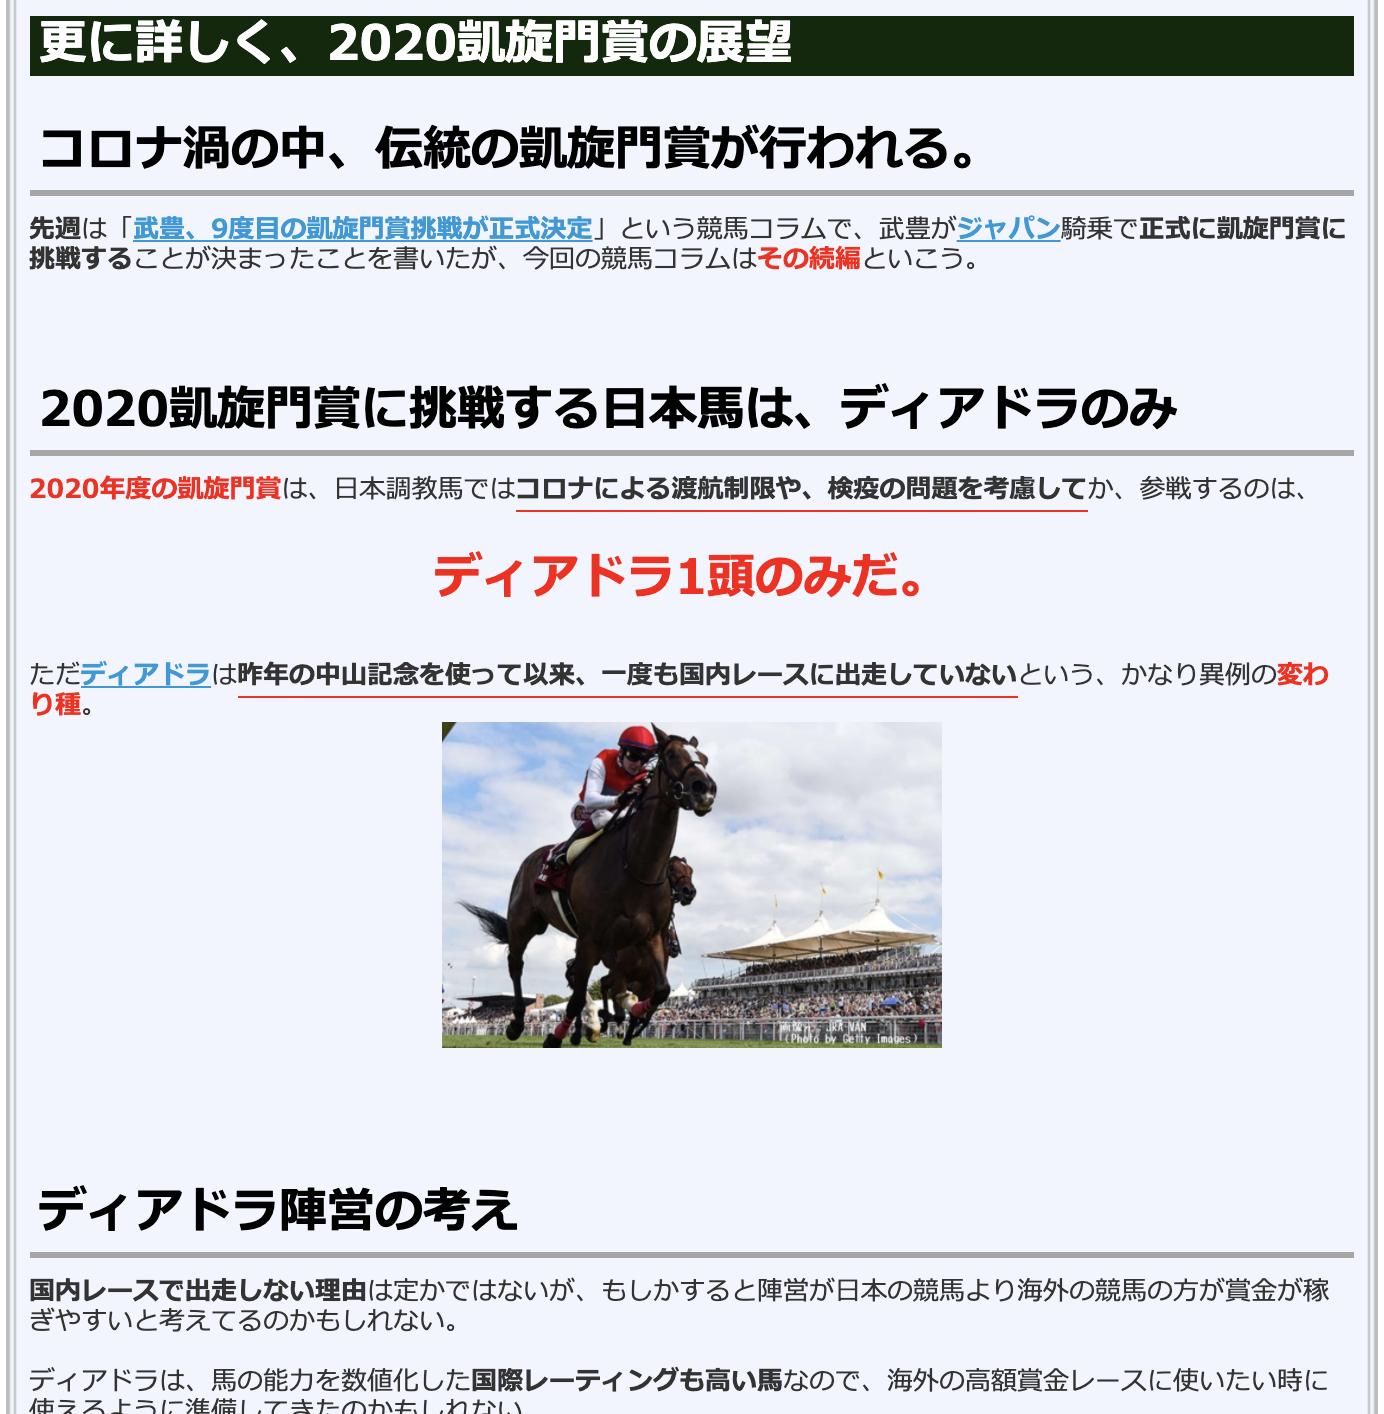 競馬検証.comの競馬コラム「更に詳しく、2020凱旋門賞の展望」